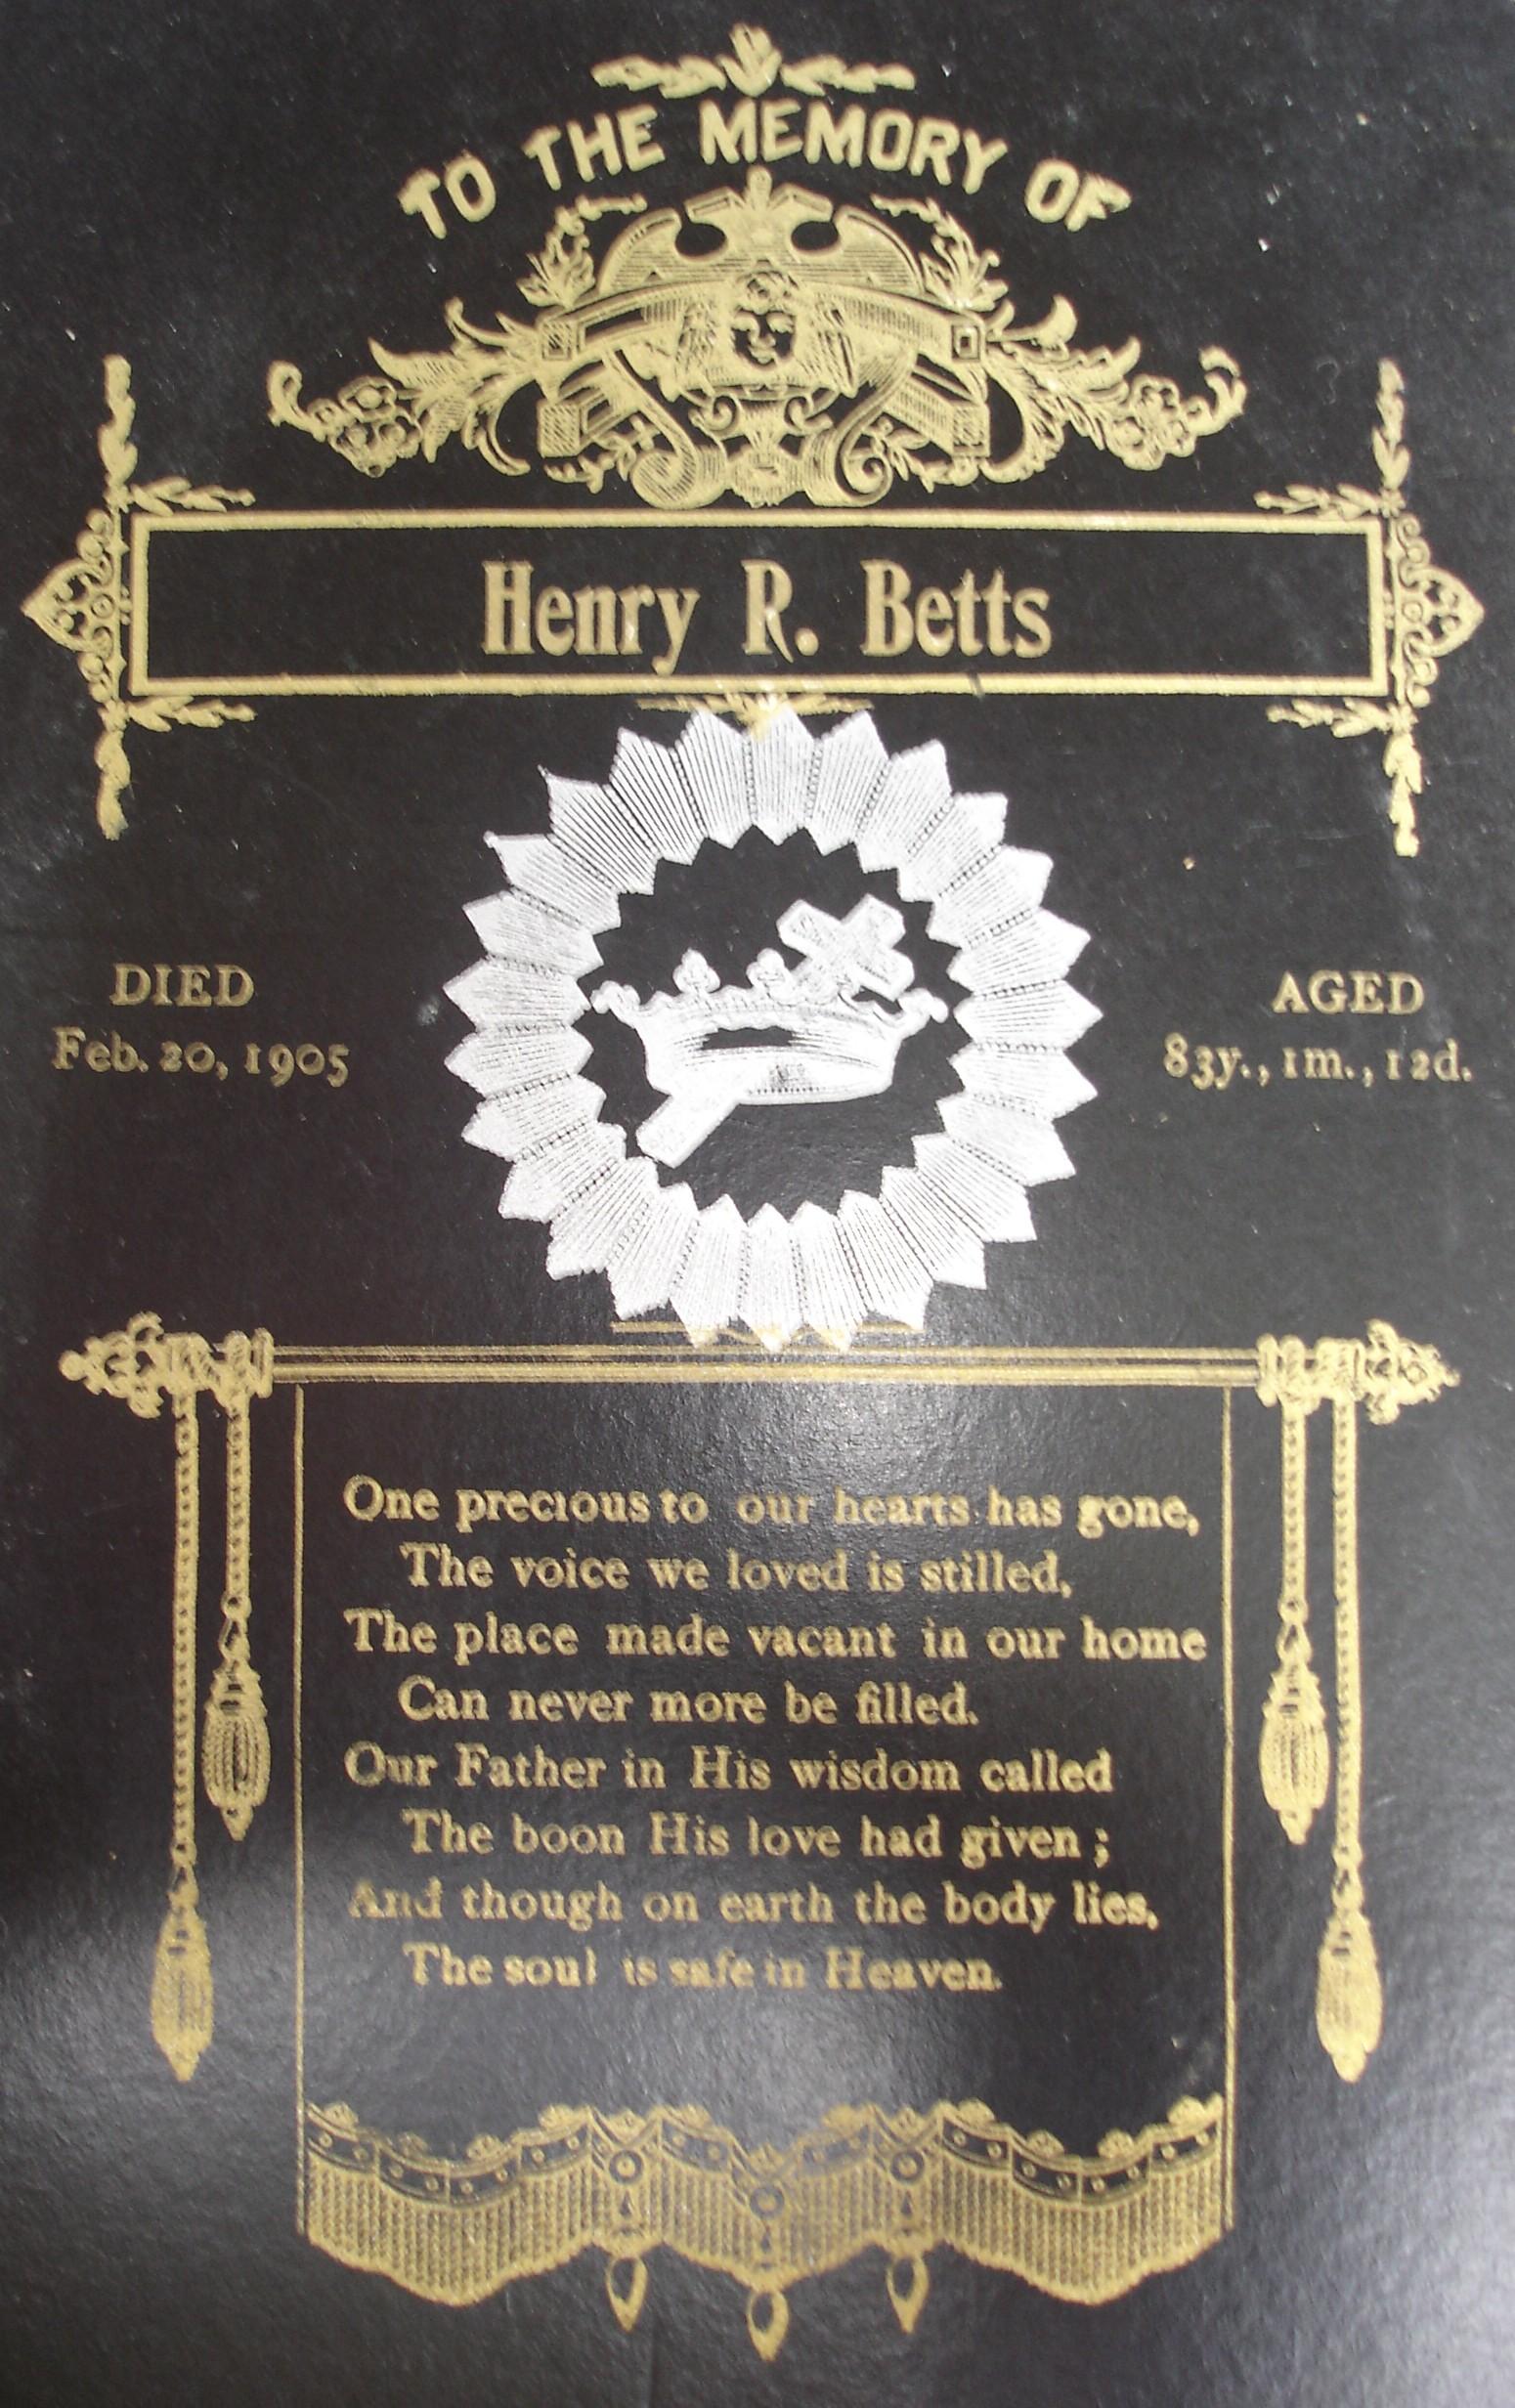 Henry Betts